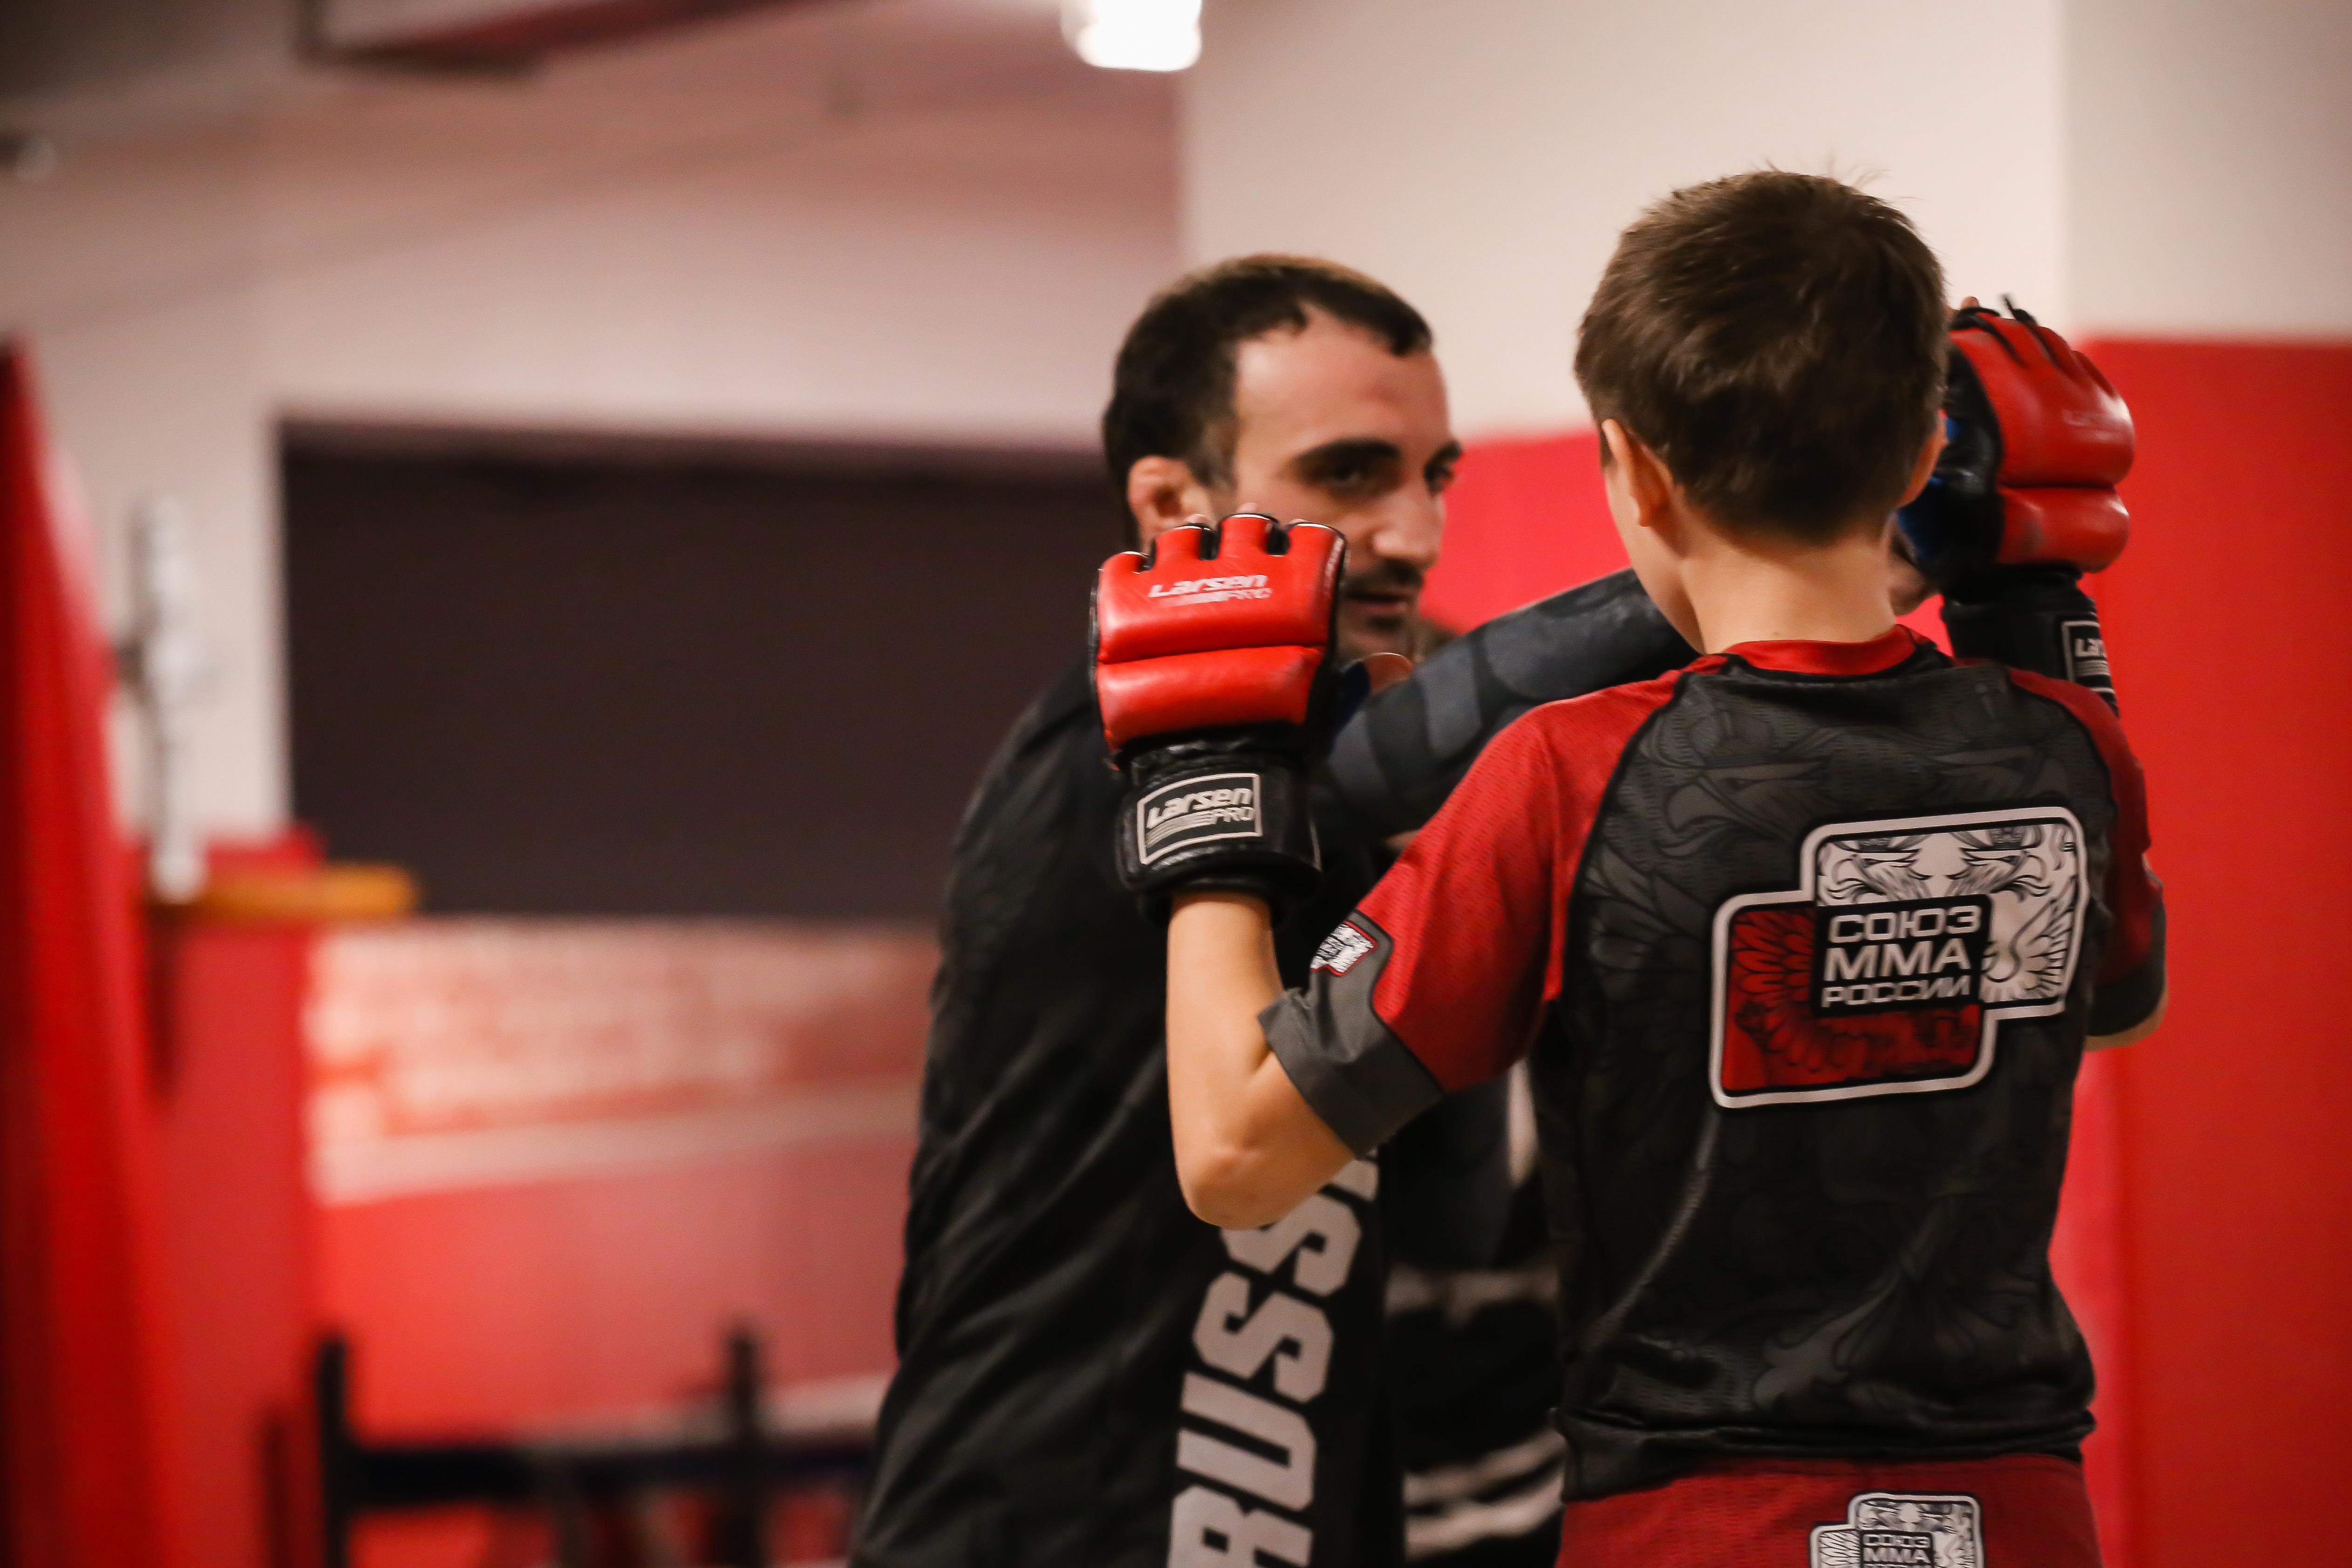 В «Бойце» откроется отделение детско-юношеской  спортивной школы по смешанным боевым единоборствам